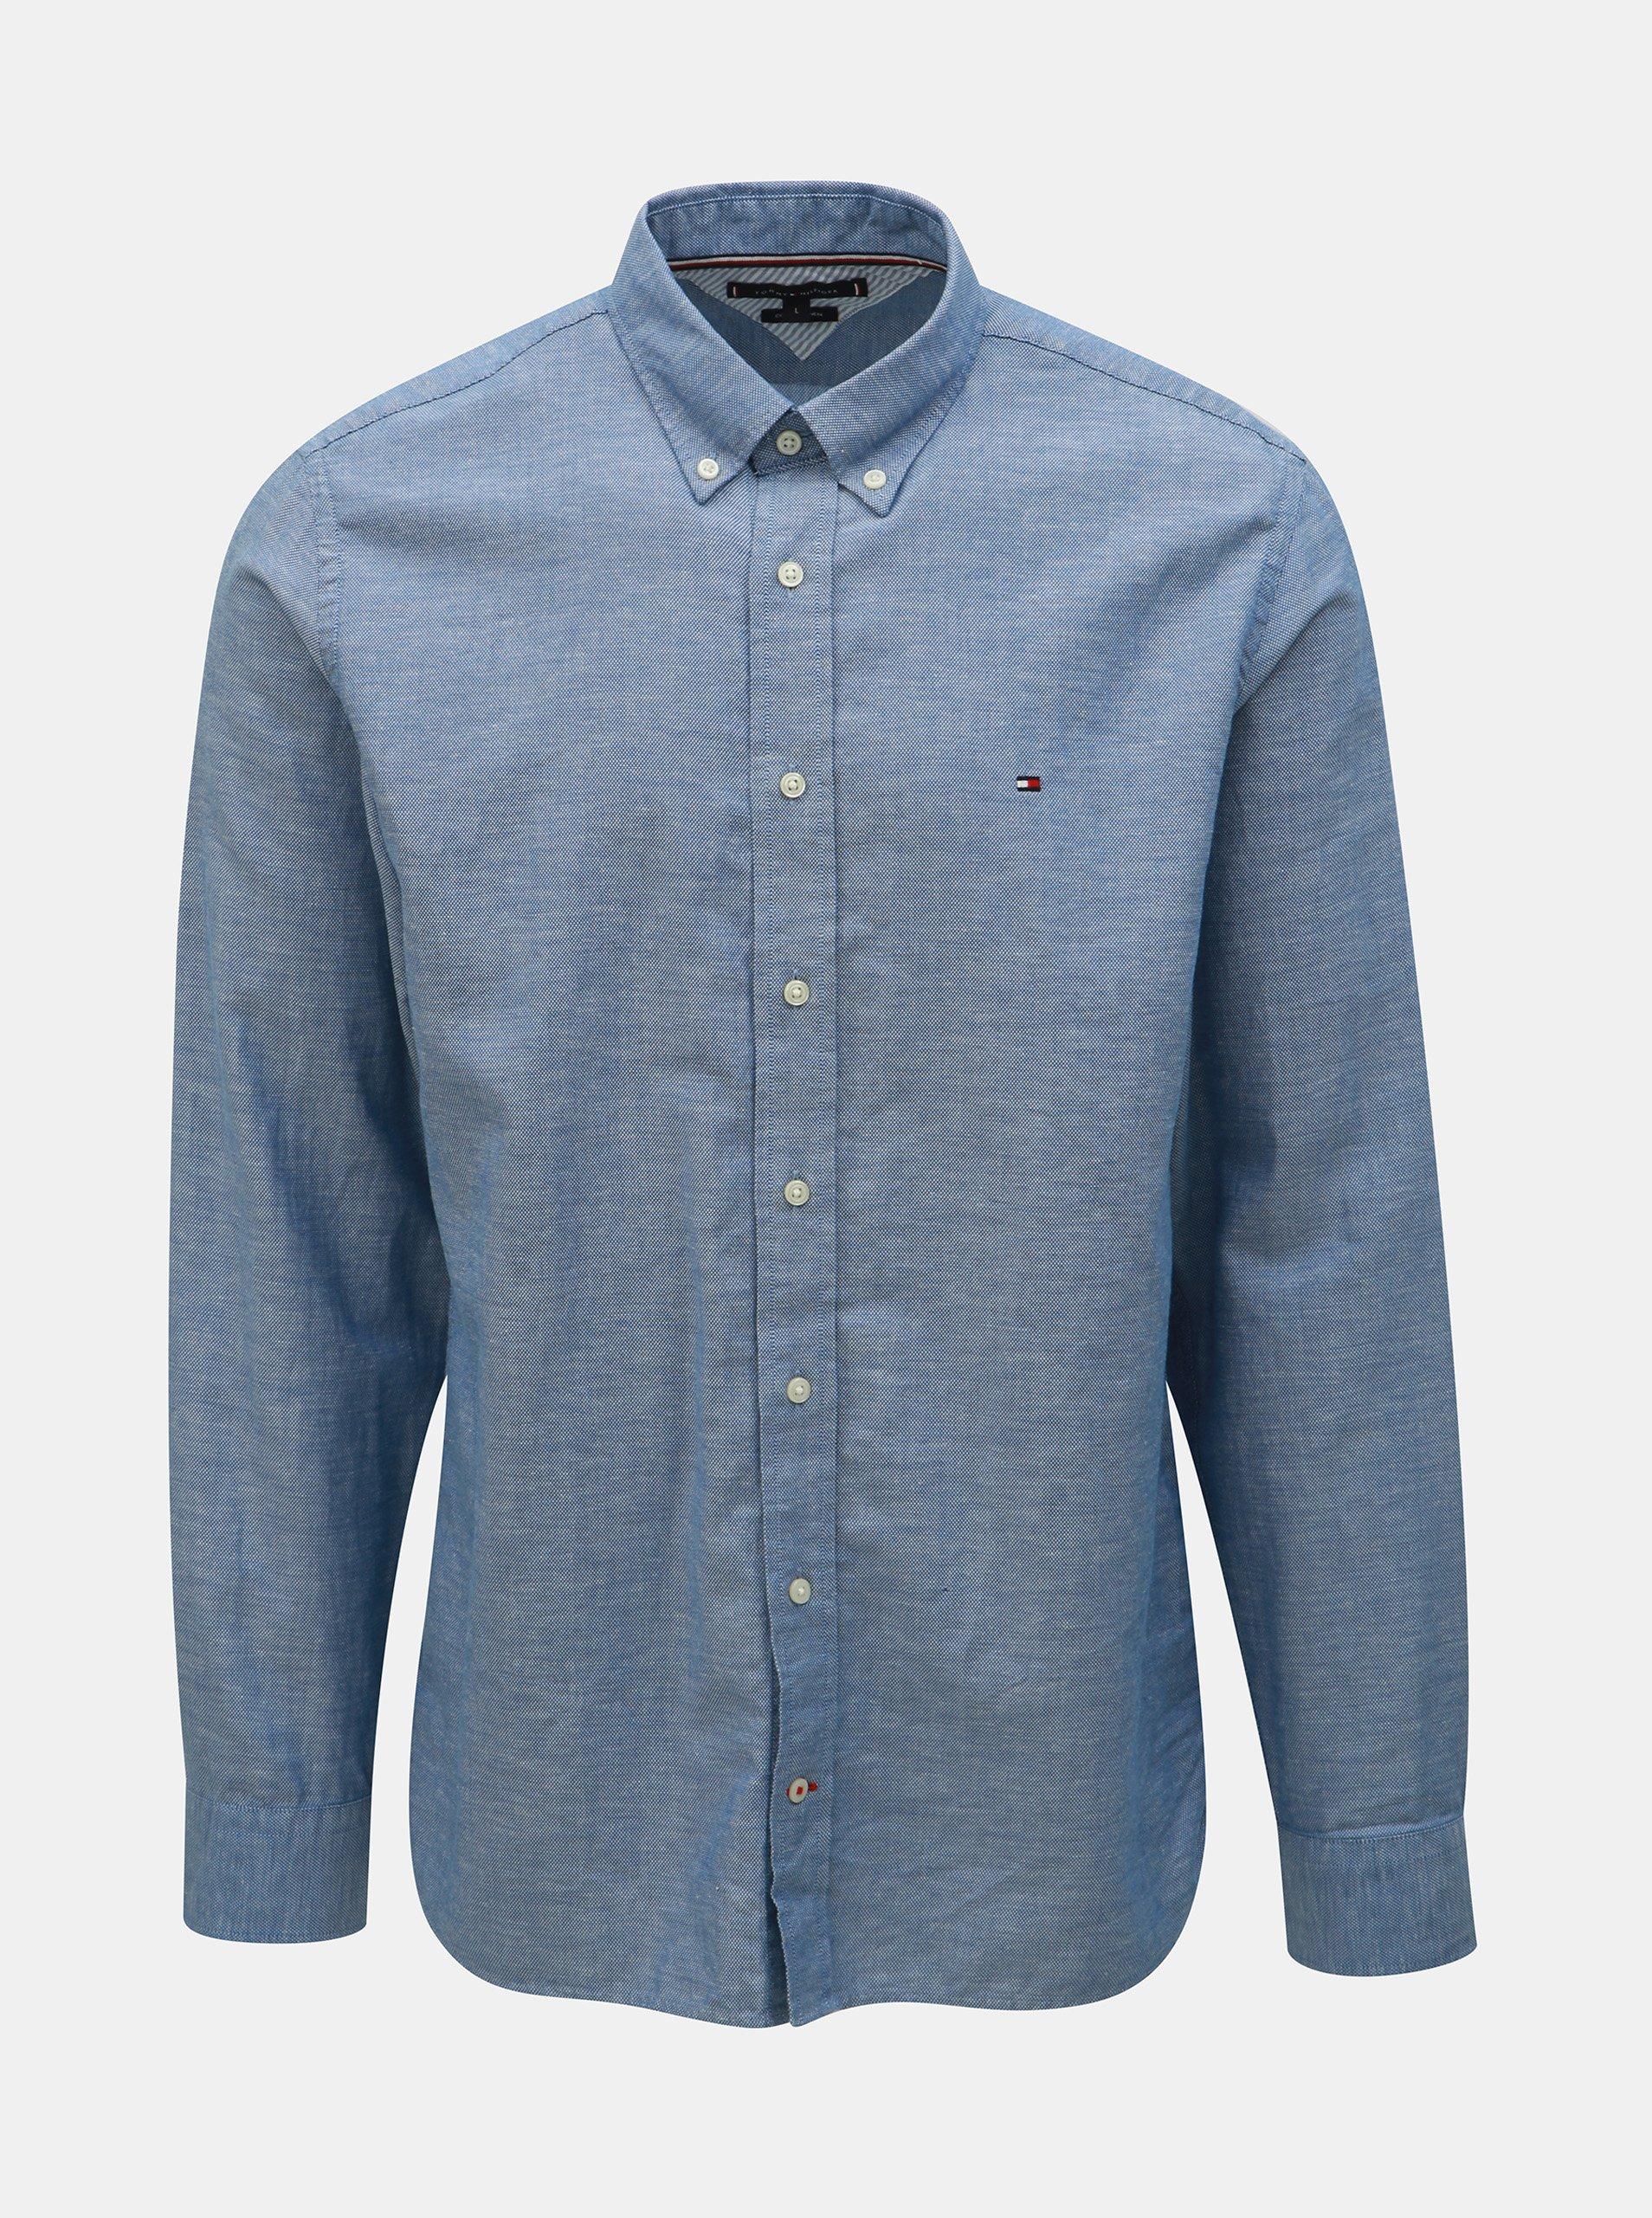 6f2a5857a4b1 Modrá pánska košeľa s prímesou ľanu Tommy Hilfiger